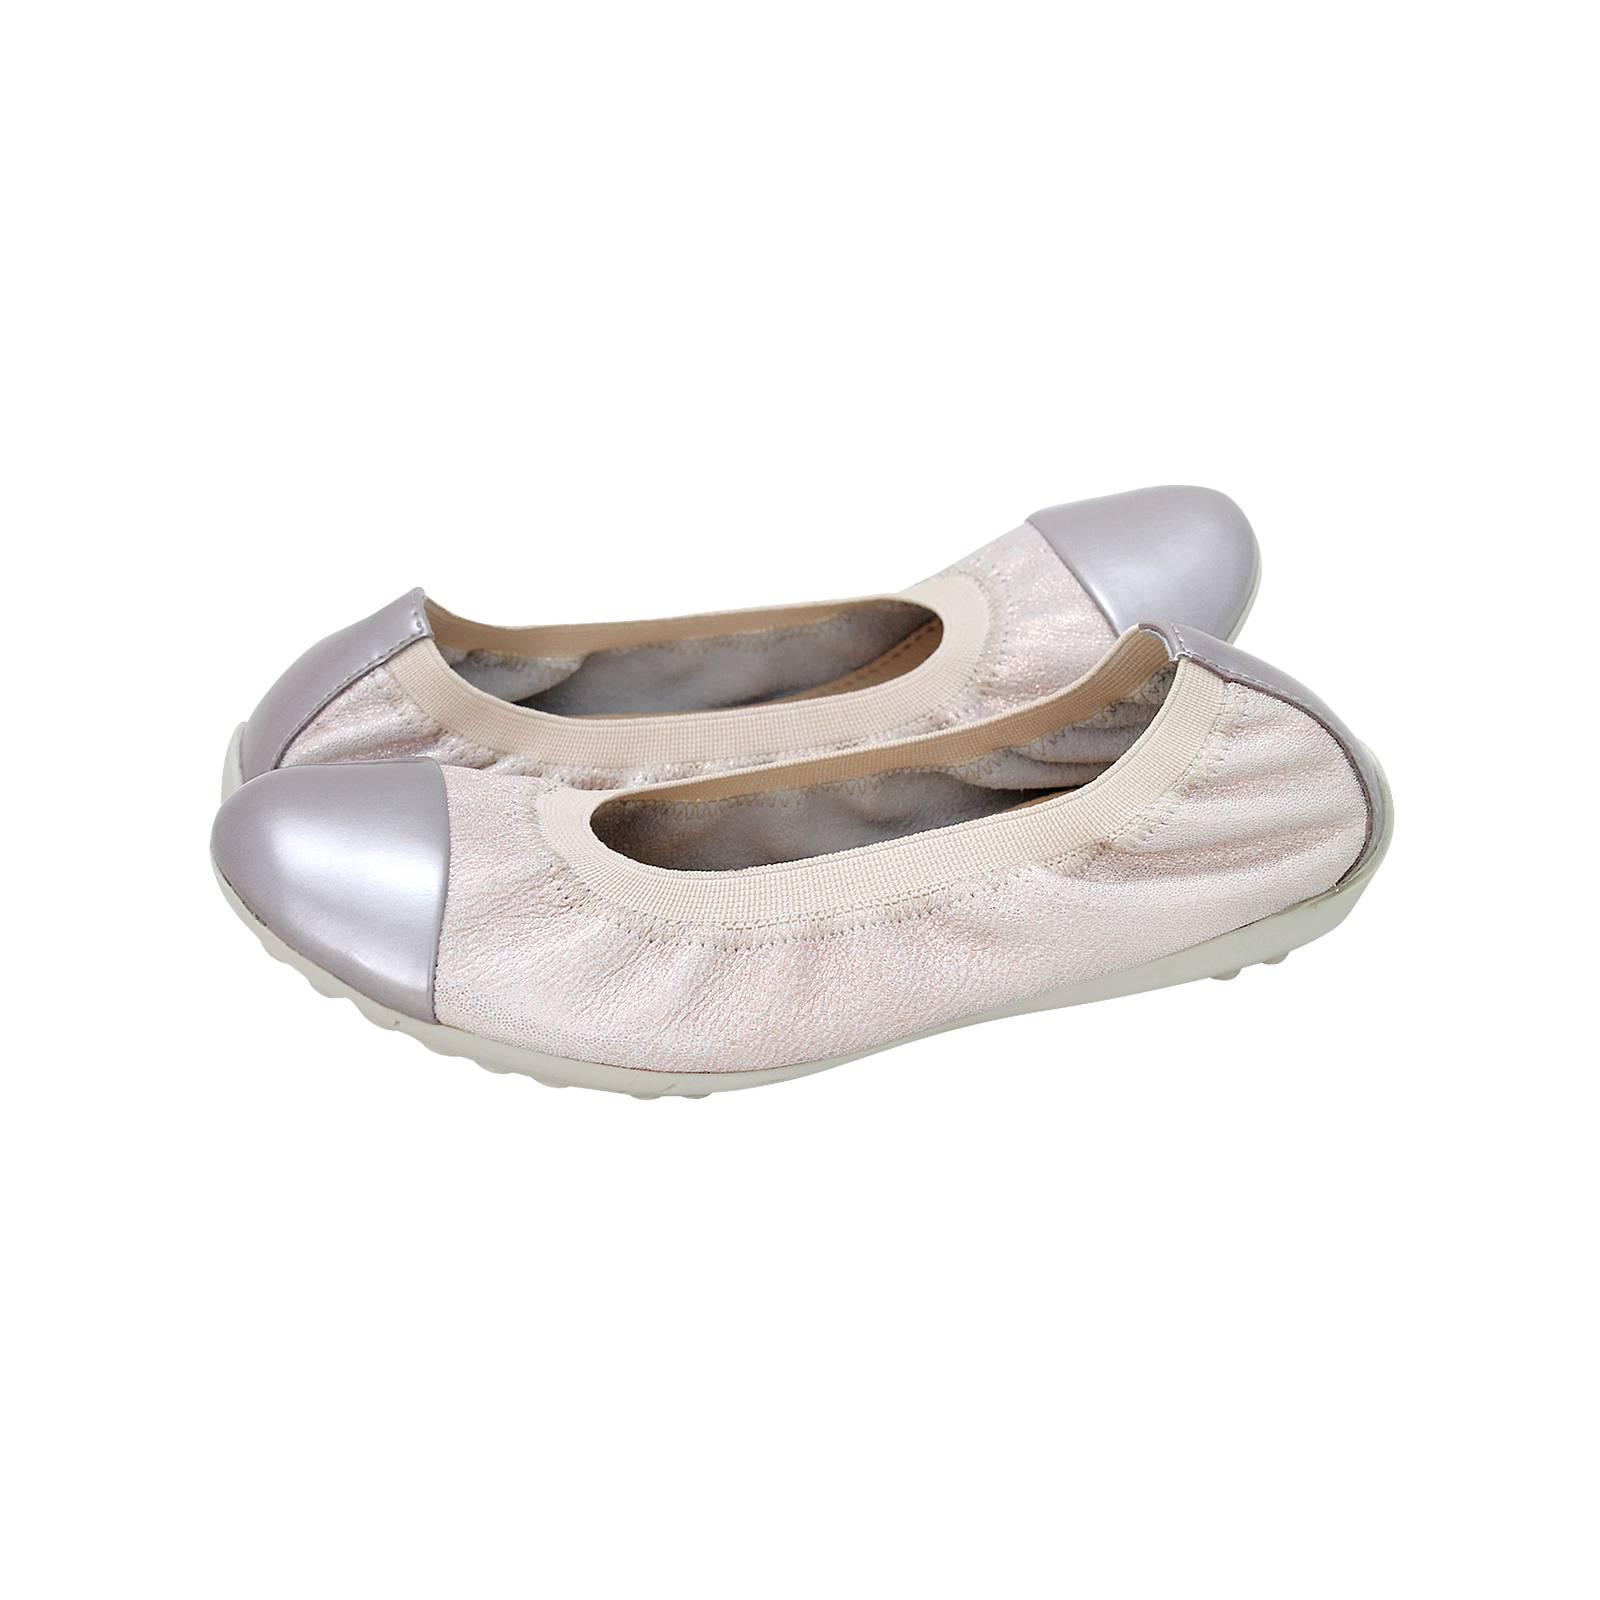 declarar maldición promedio  J Piuma Ballerina A - Geox Kids' ballerinas made of leather and synthetic -  Gianna Kazakou Online